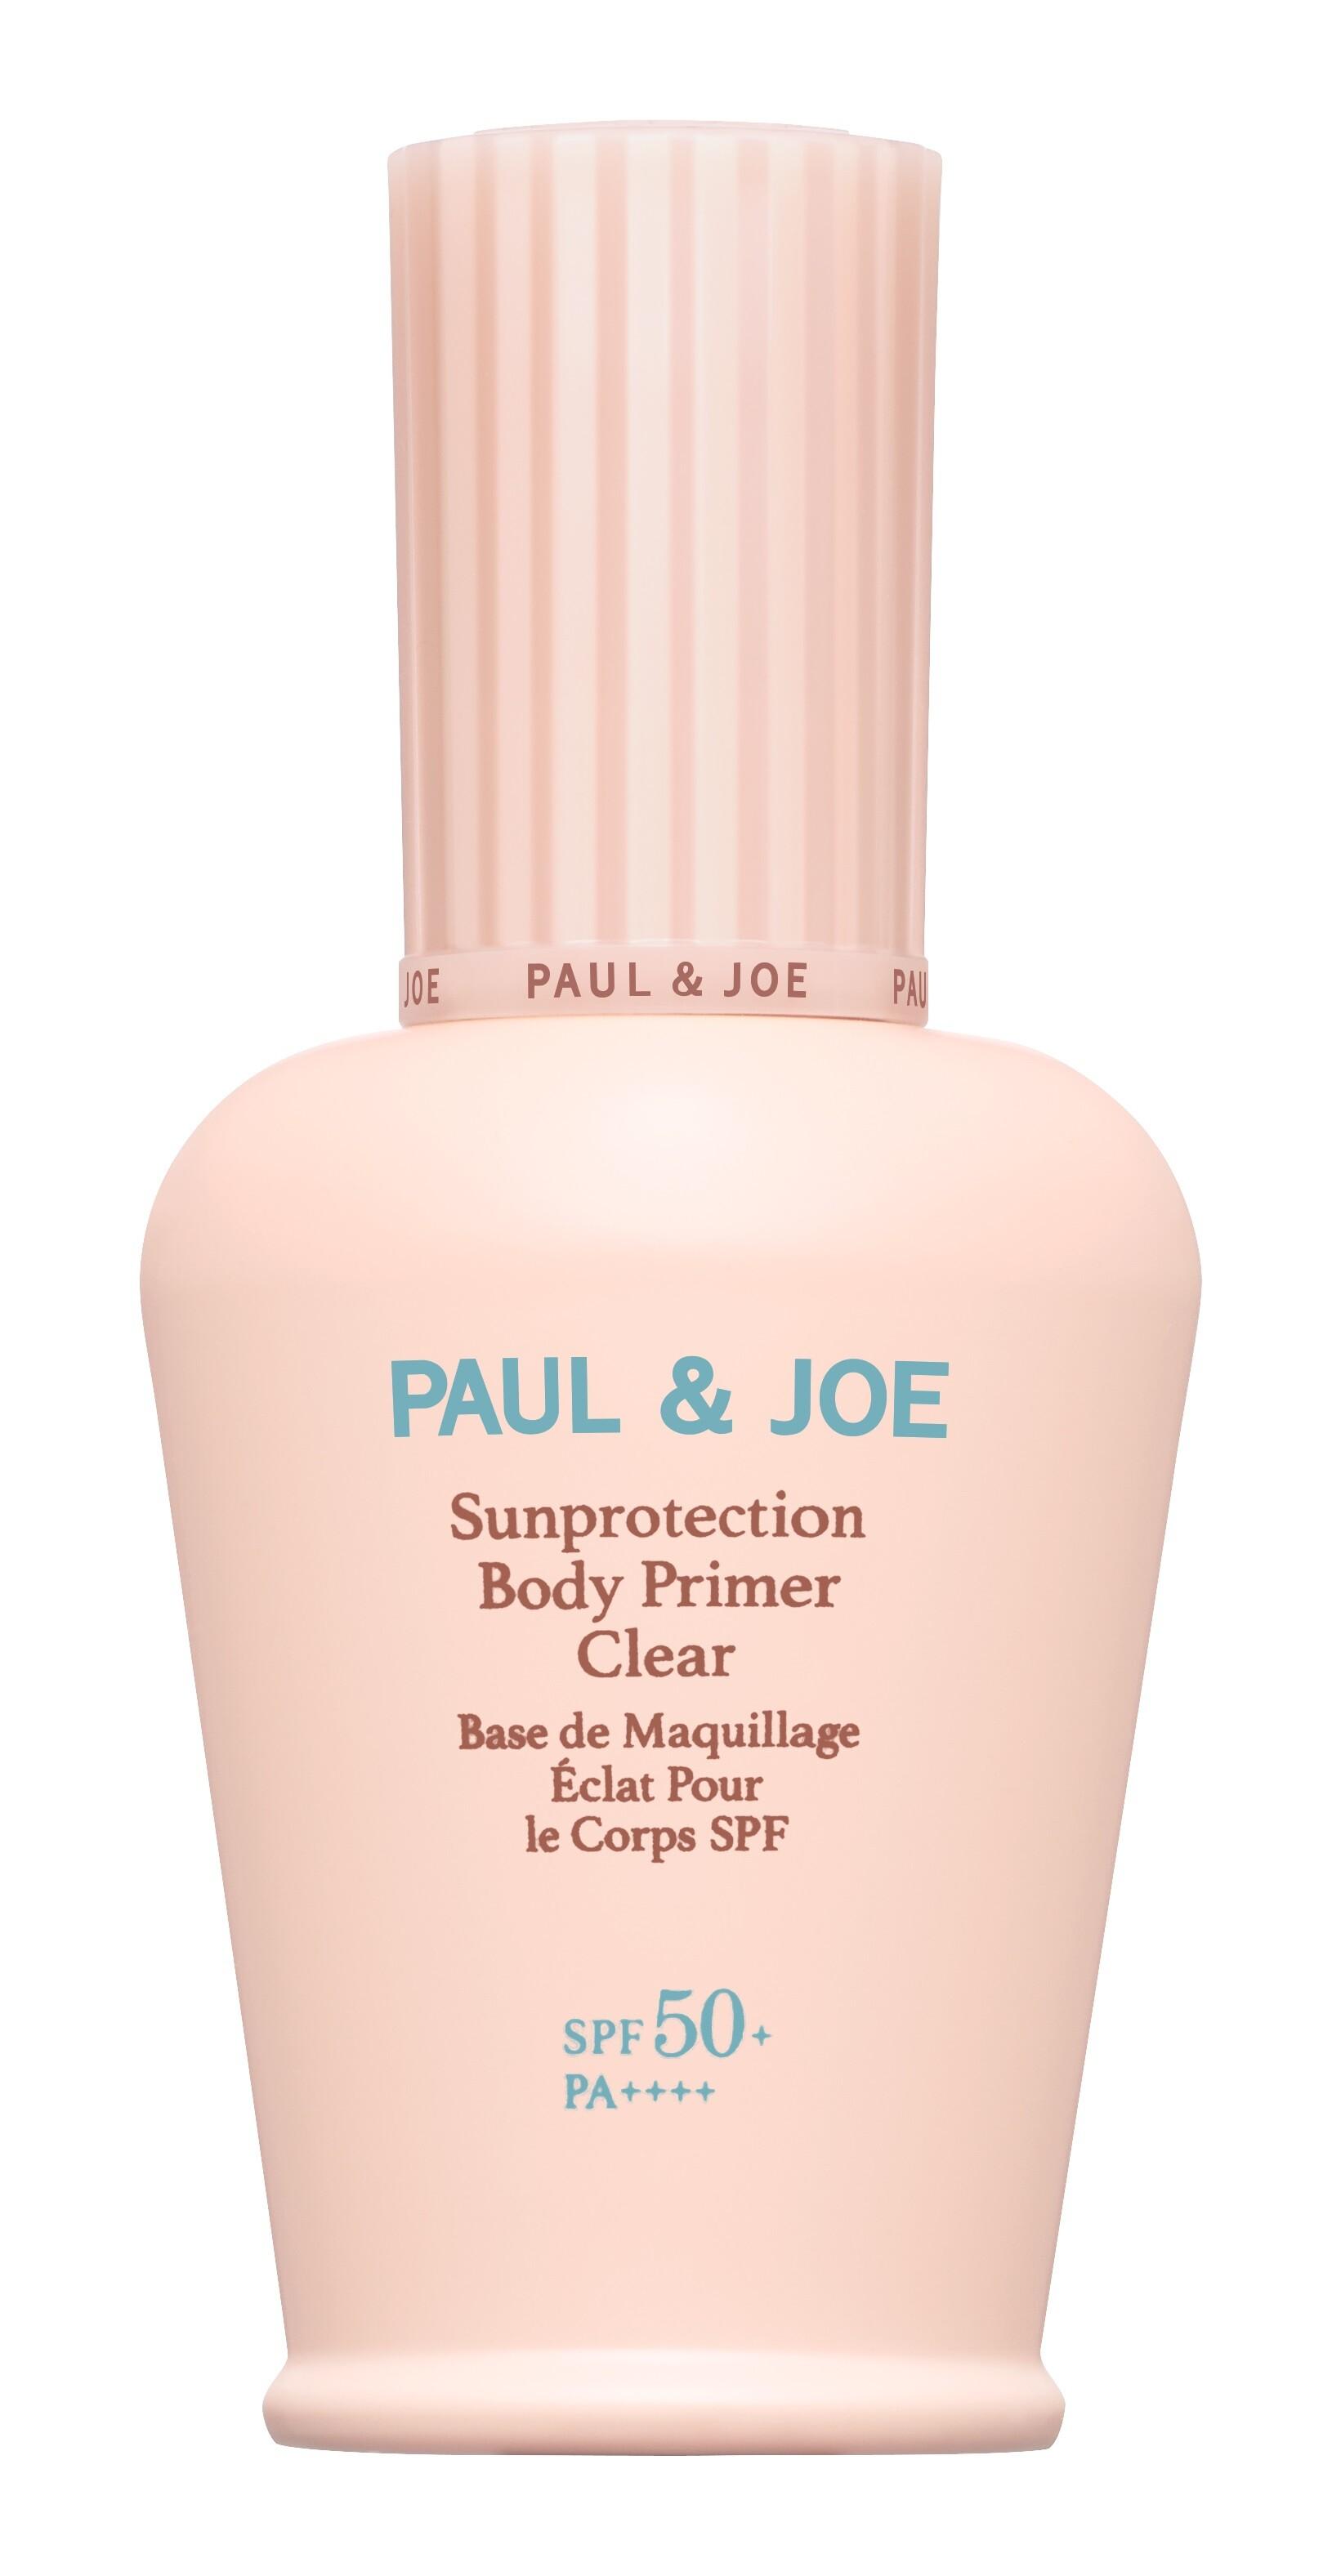 PAUL & JOE サンプロテクションボディプライマー